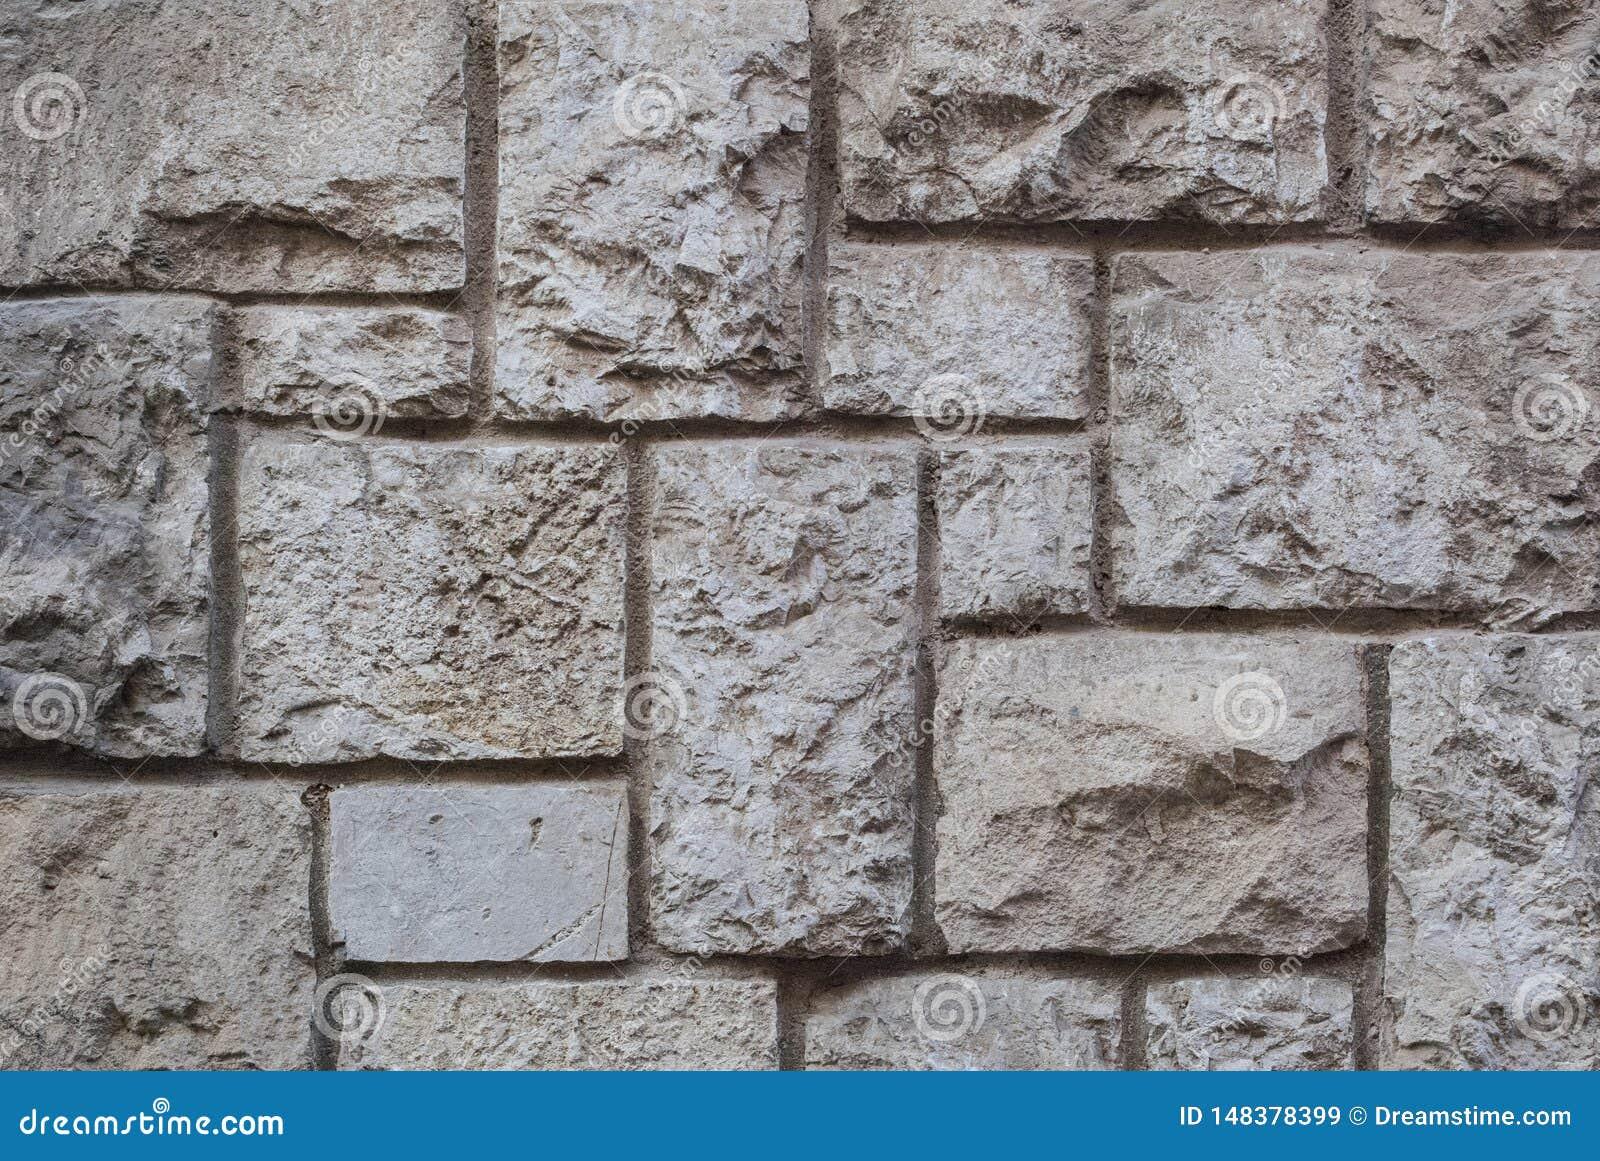 Oude gehouwen steenmuur, mooie textuur als achtergrond